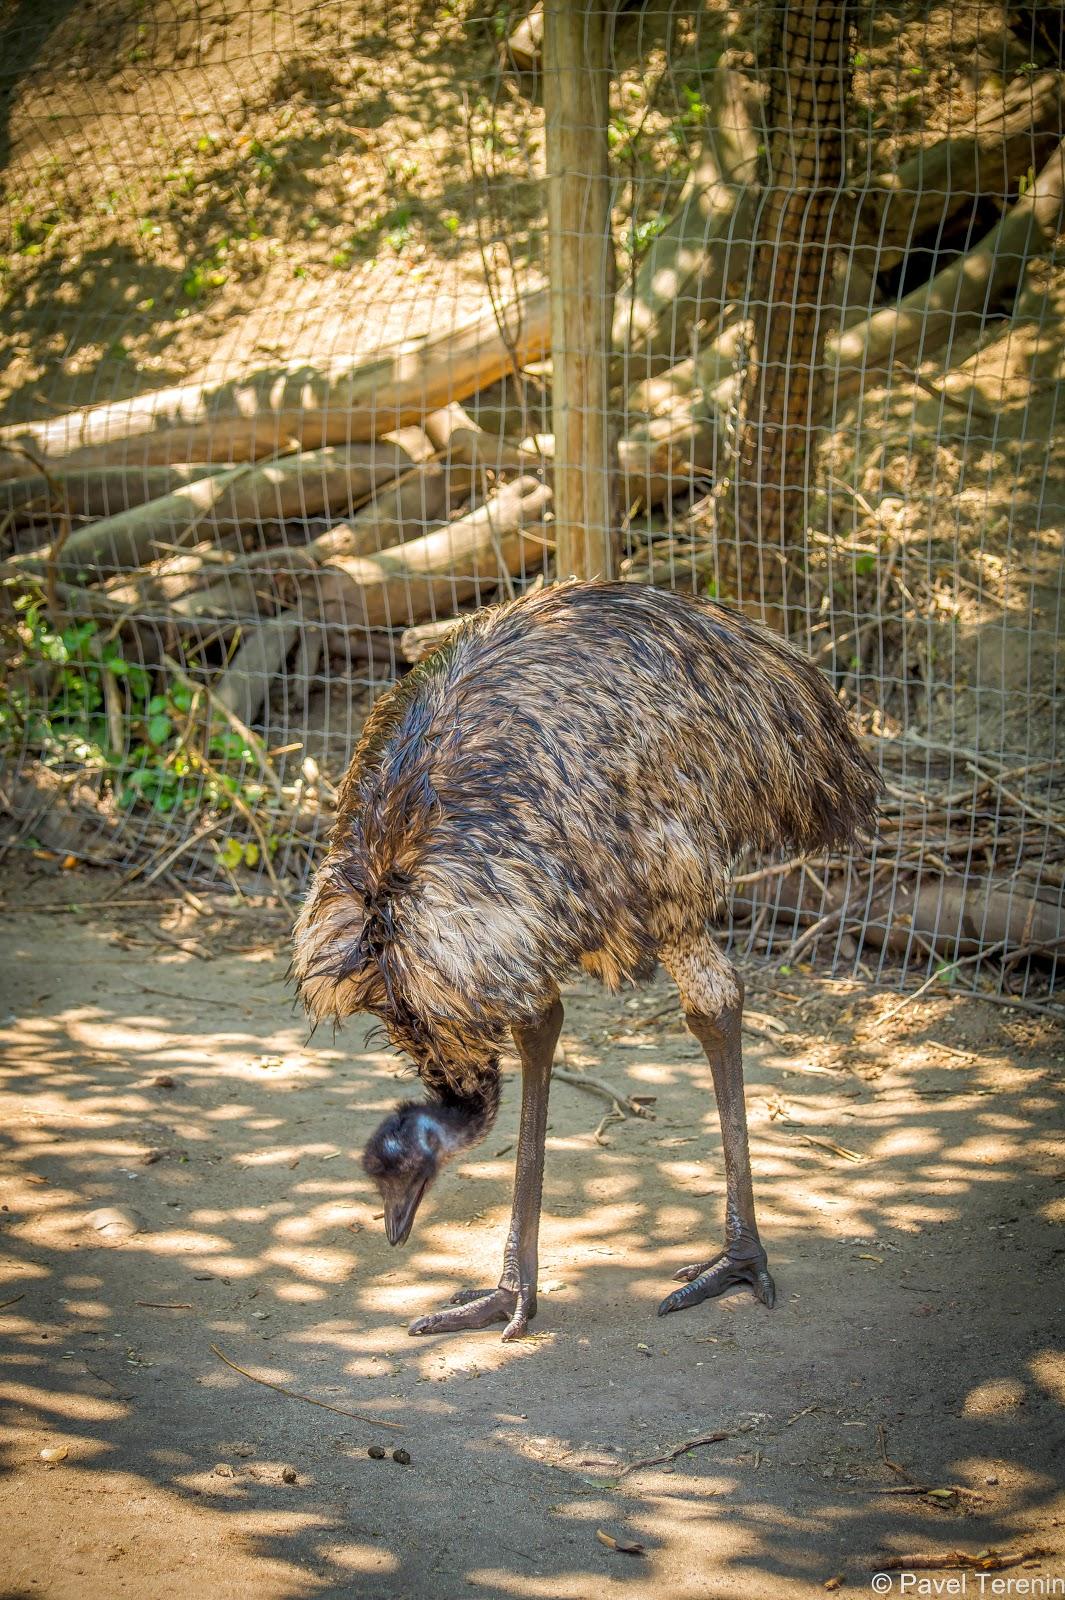 Эму - самая крупная птица Австралии, вторая по величине после африканского страуса